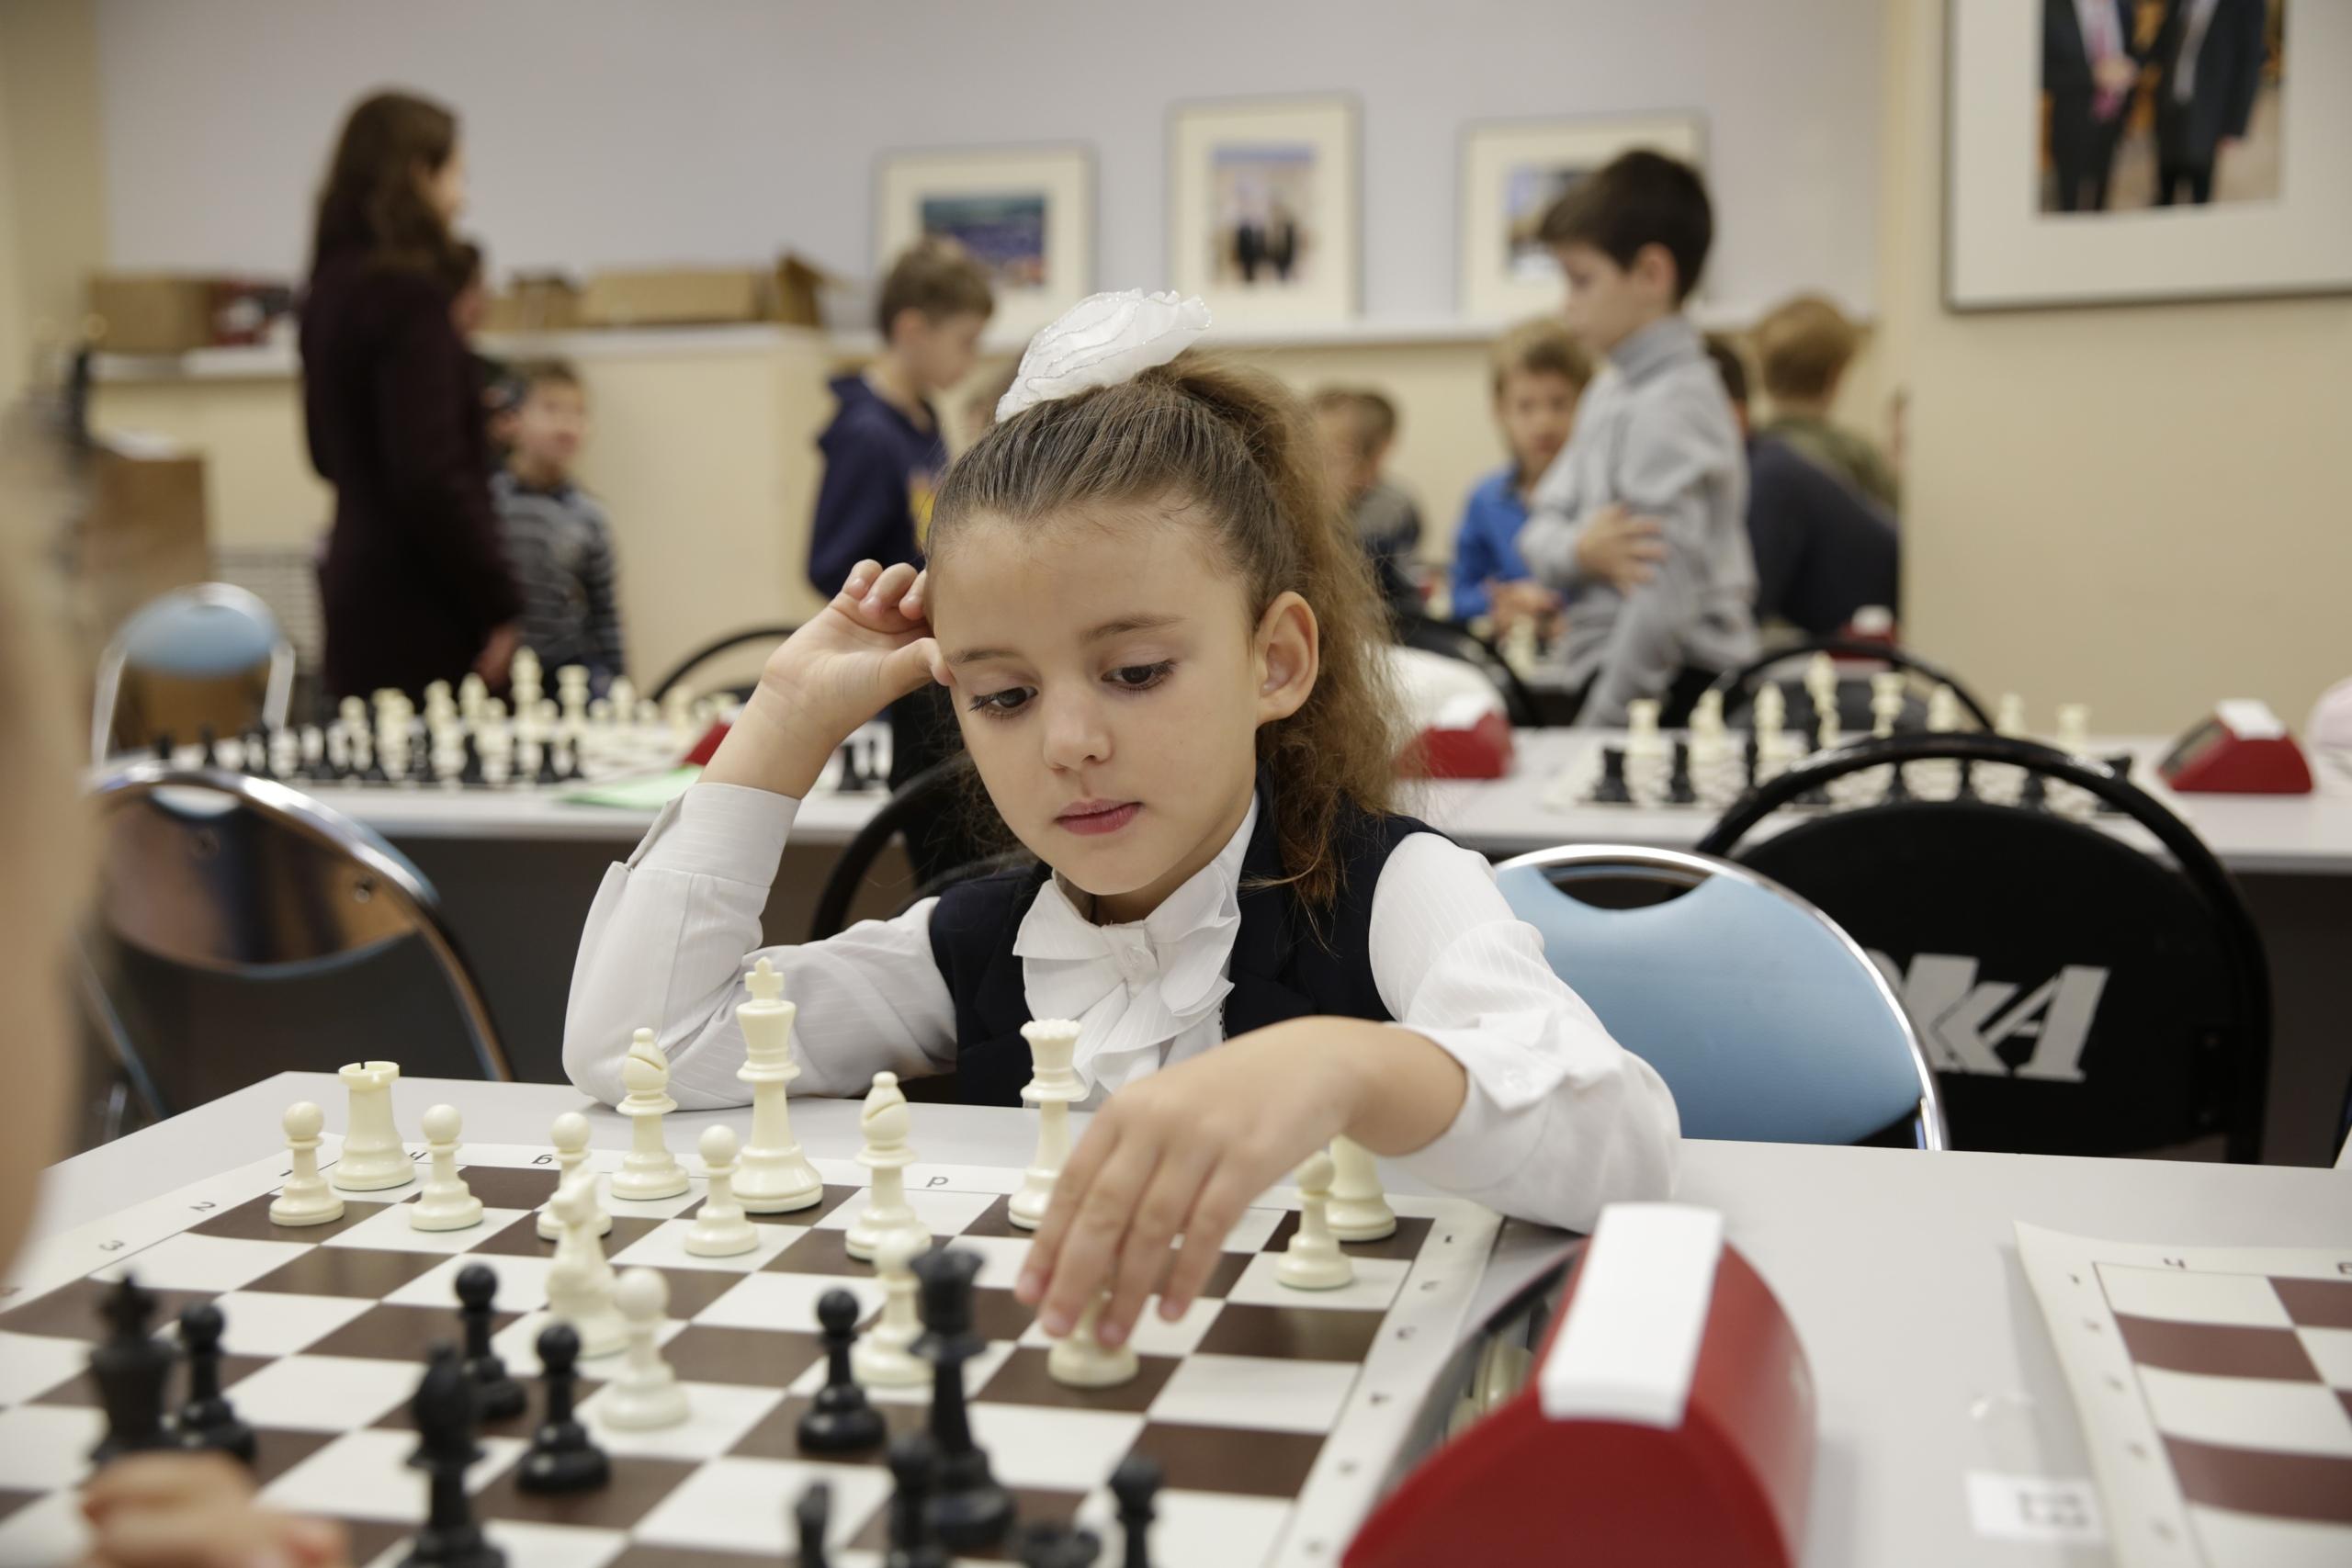 С 5 по 8 августа во Дворце спорта «Ока» пройдет открытый летний Чемпионат городского округа Пущино по шахматам.